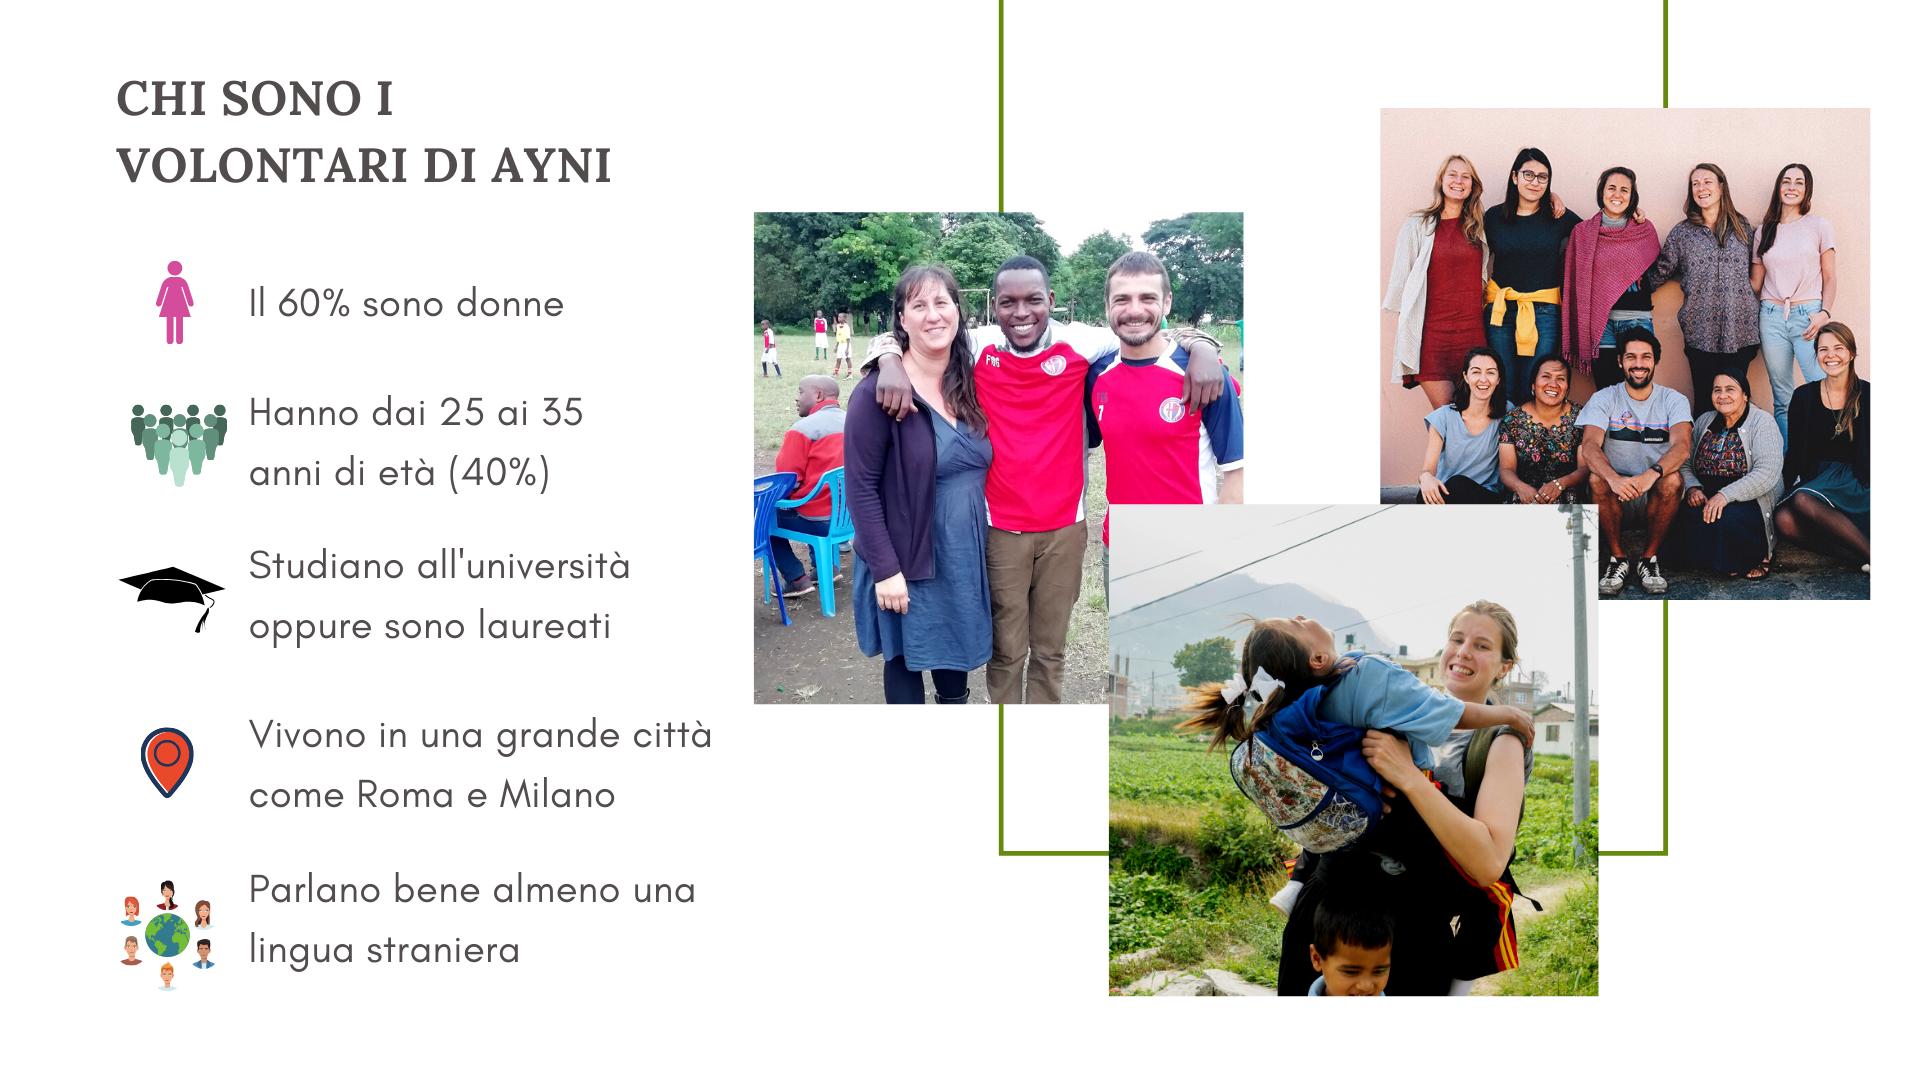 Chi sono i volontari di Ayni, il mondo del volontariato internazionale